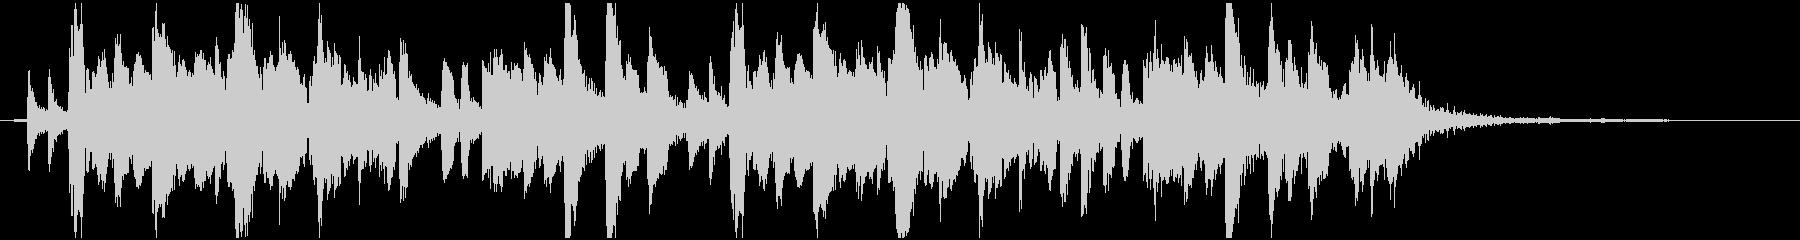 琴、尺八、三味線と祭囃子の和風曲 12秒の未再生の波形